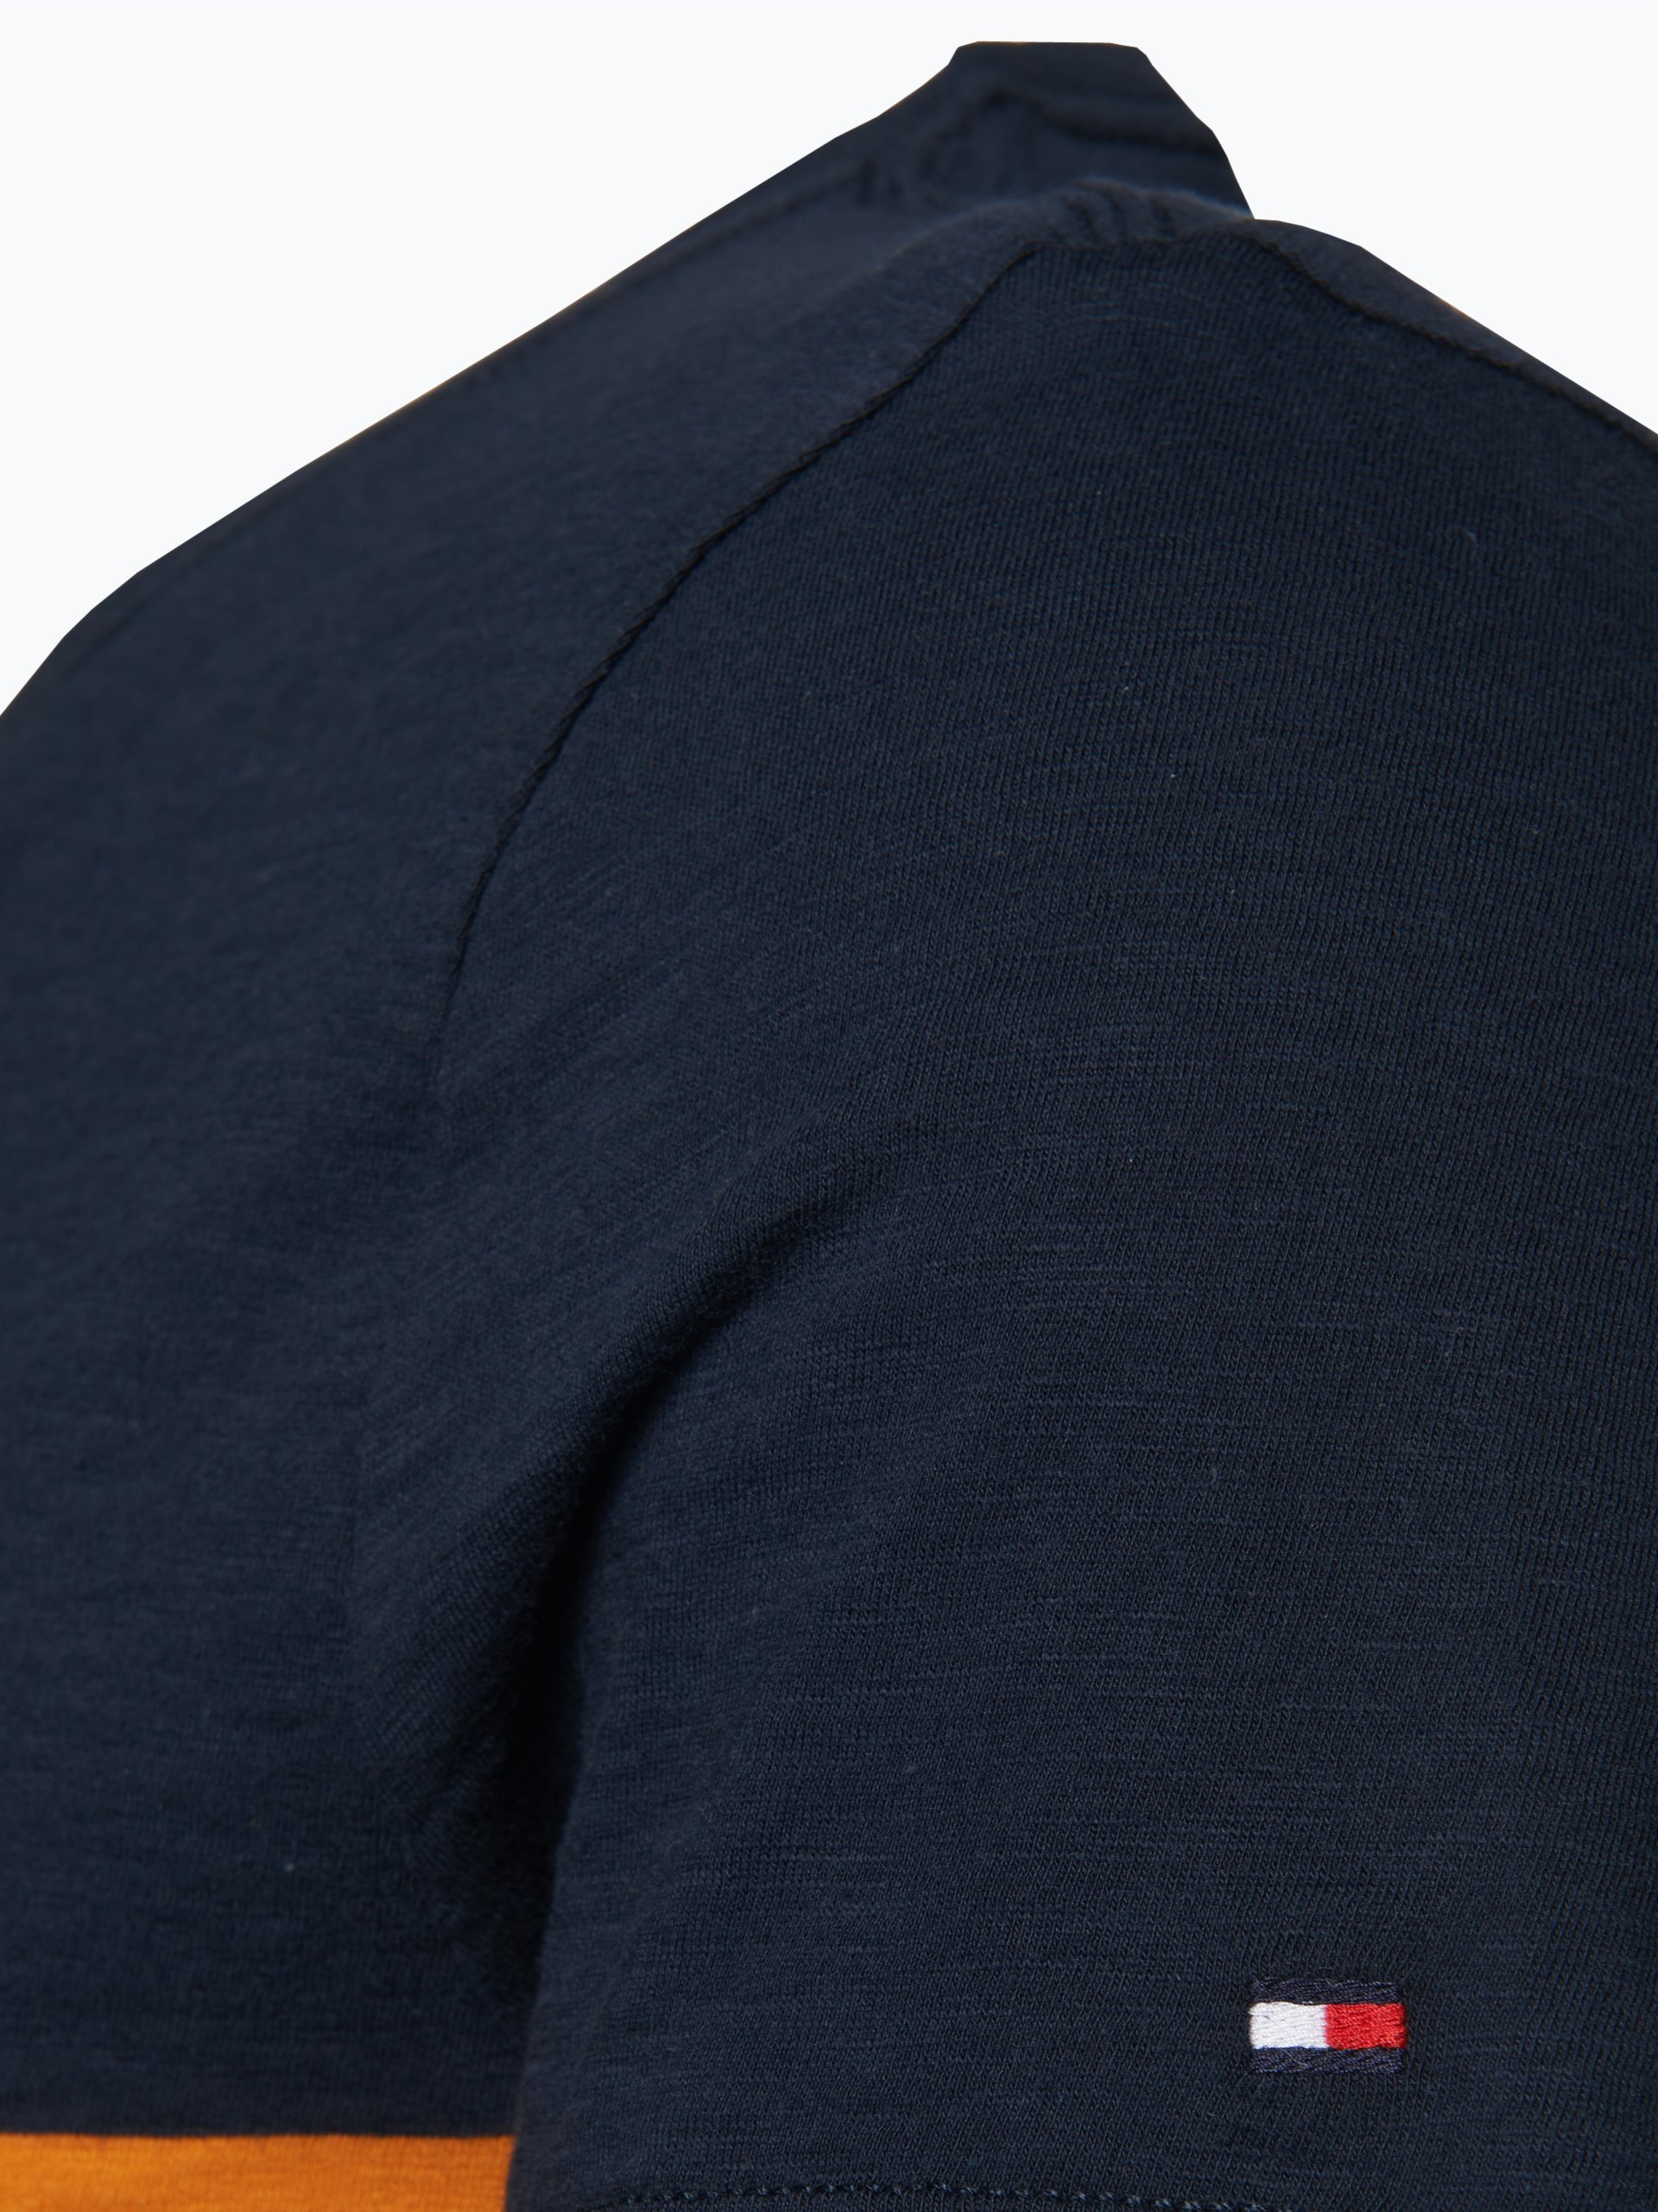 tommy hilfiger herren t shirt eddy marine uni online. Black Bedroom Furniture Sets. Home Design Ideas